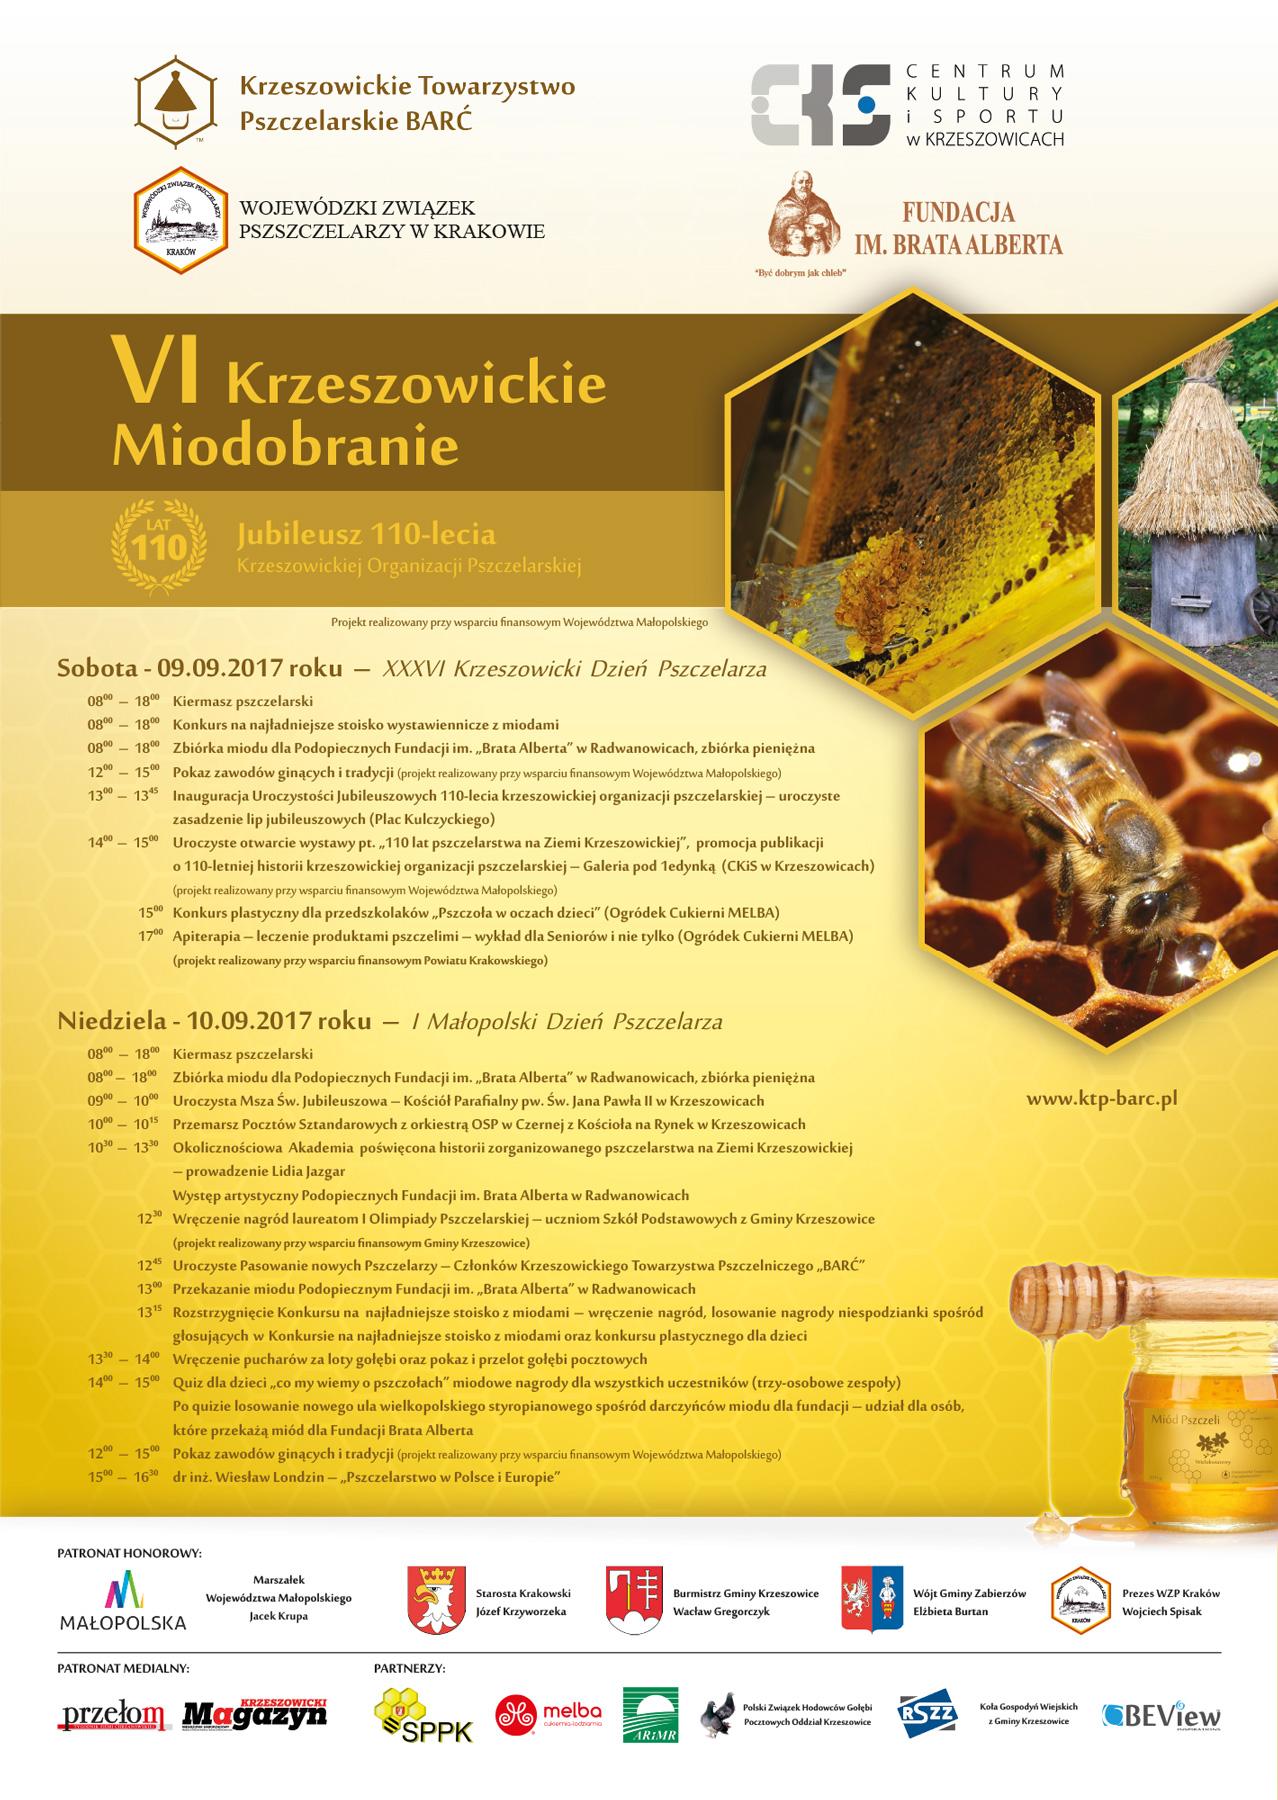 VI Krzeszowickie Miodobranie - plakat